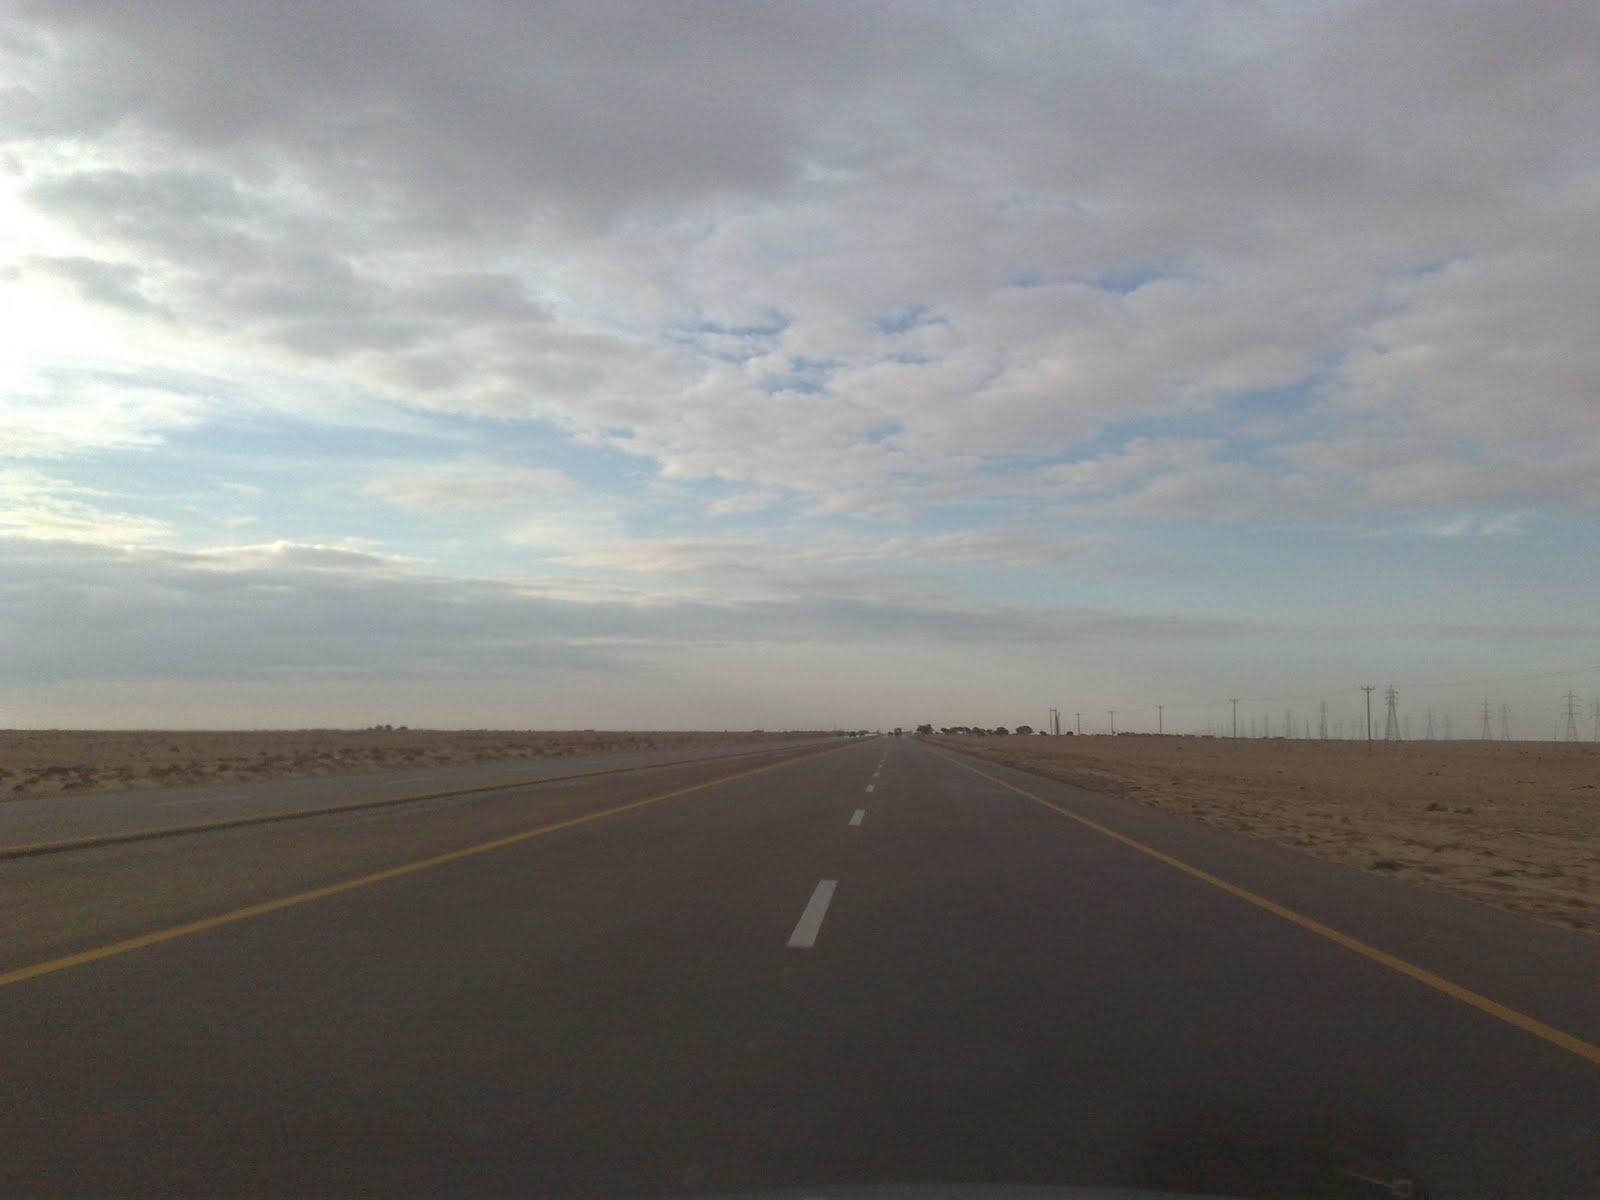 الطريق الساحلي